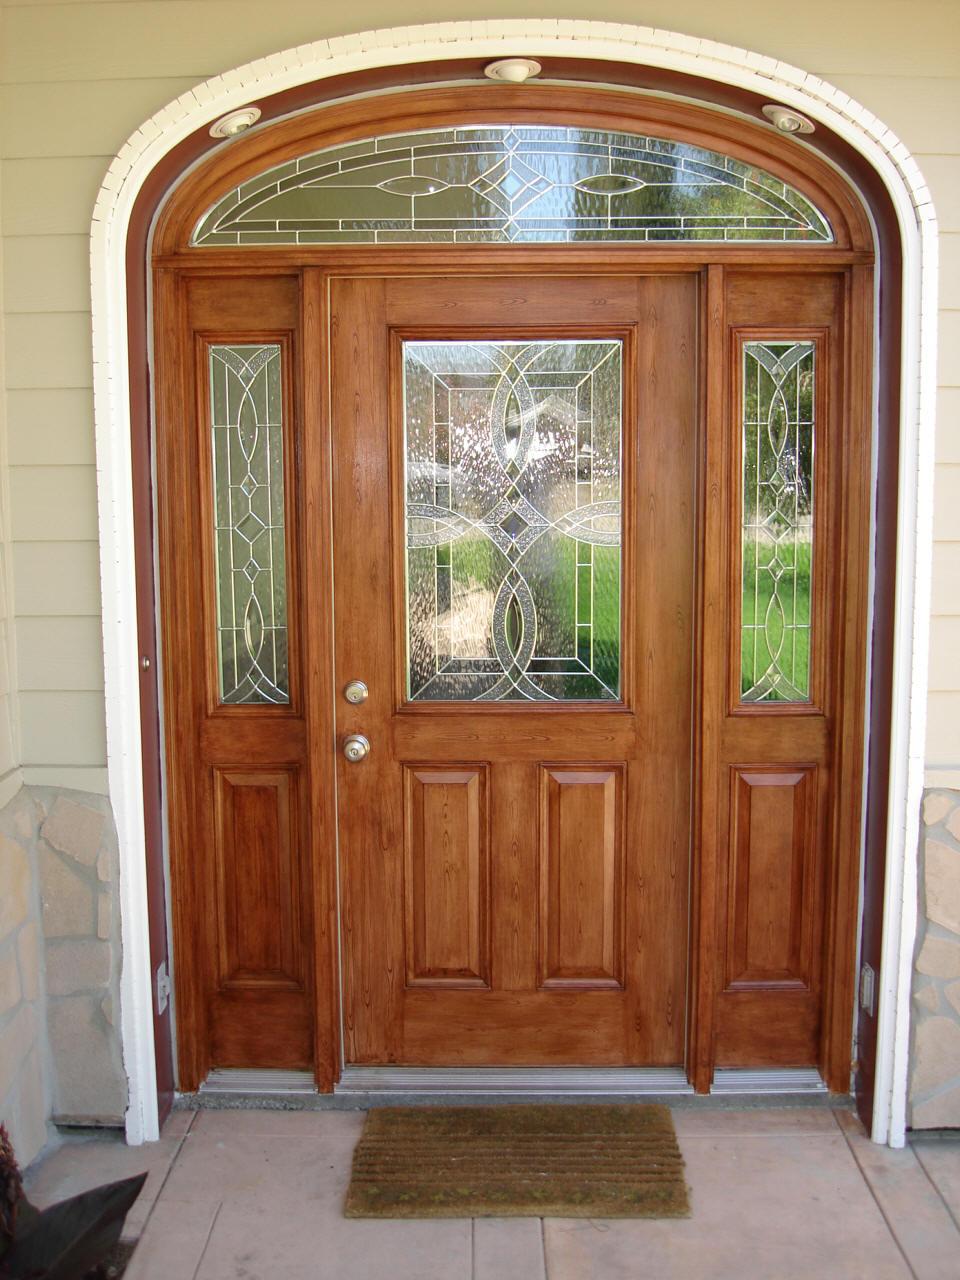 Red_Alderwood_door.jpg